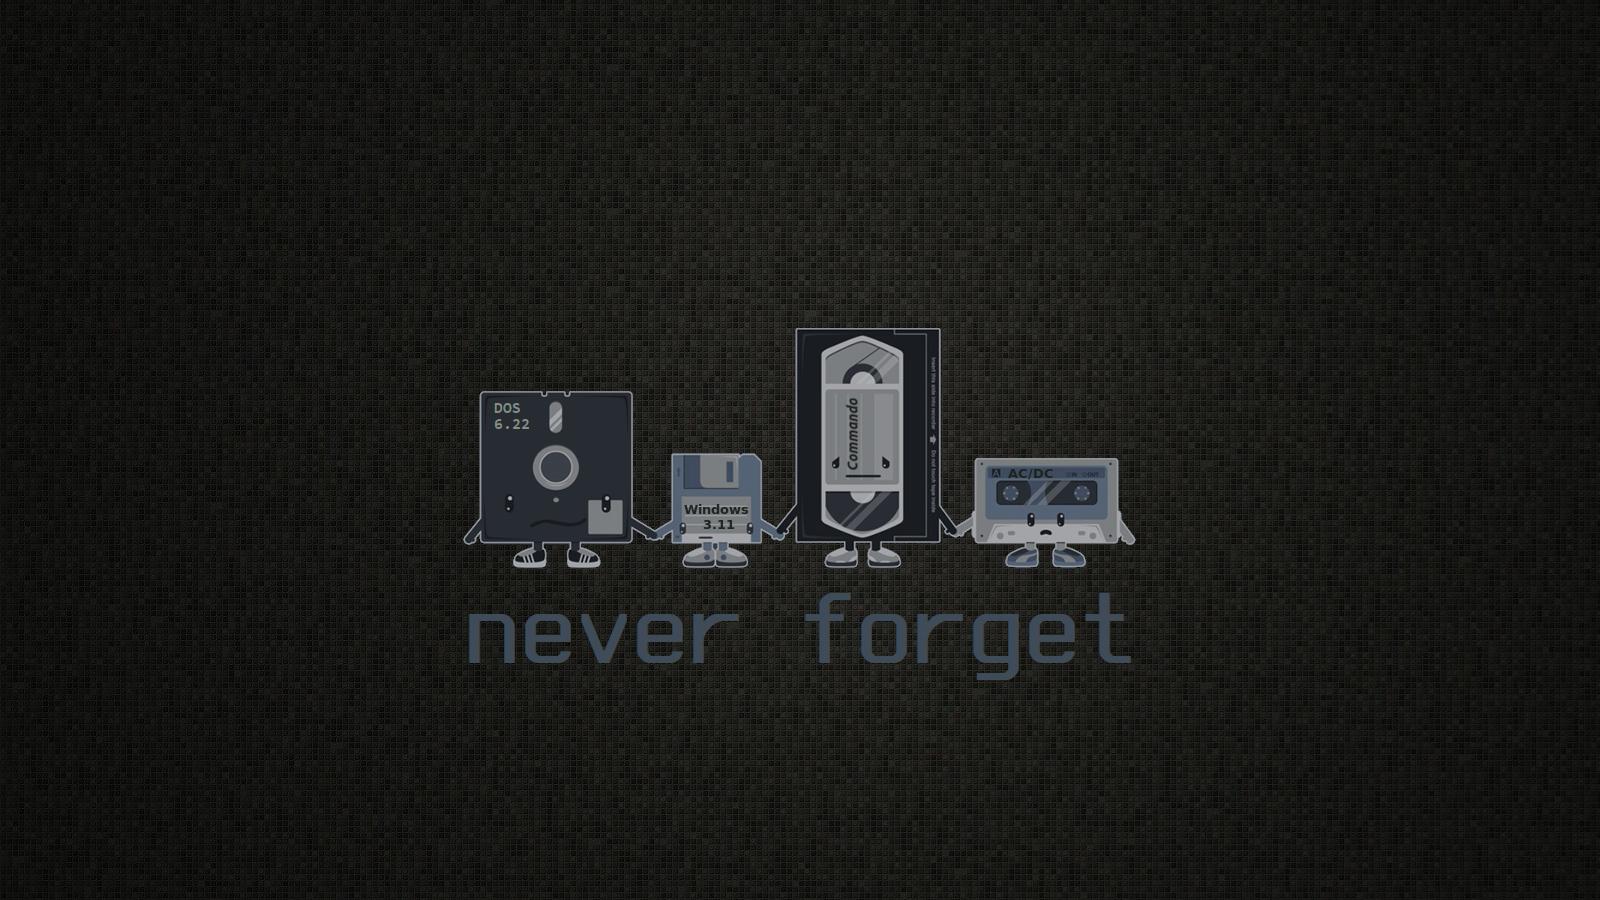 zenburn_never_forget.jpg